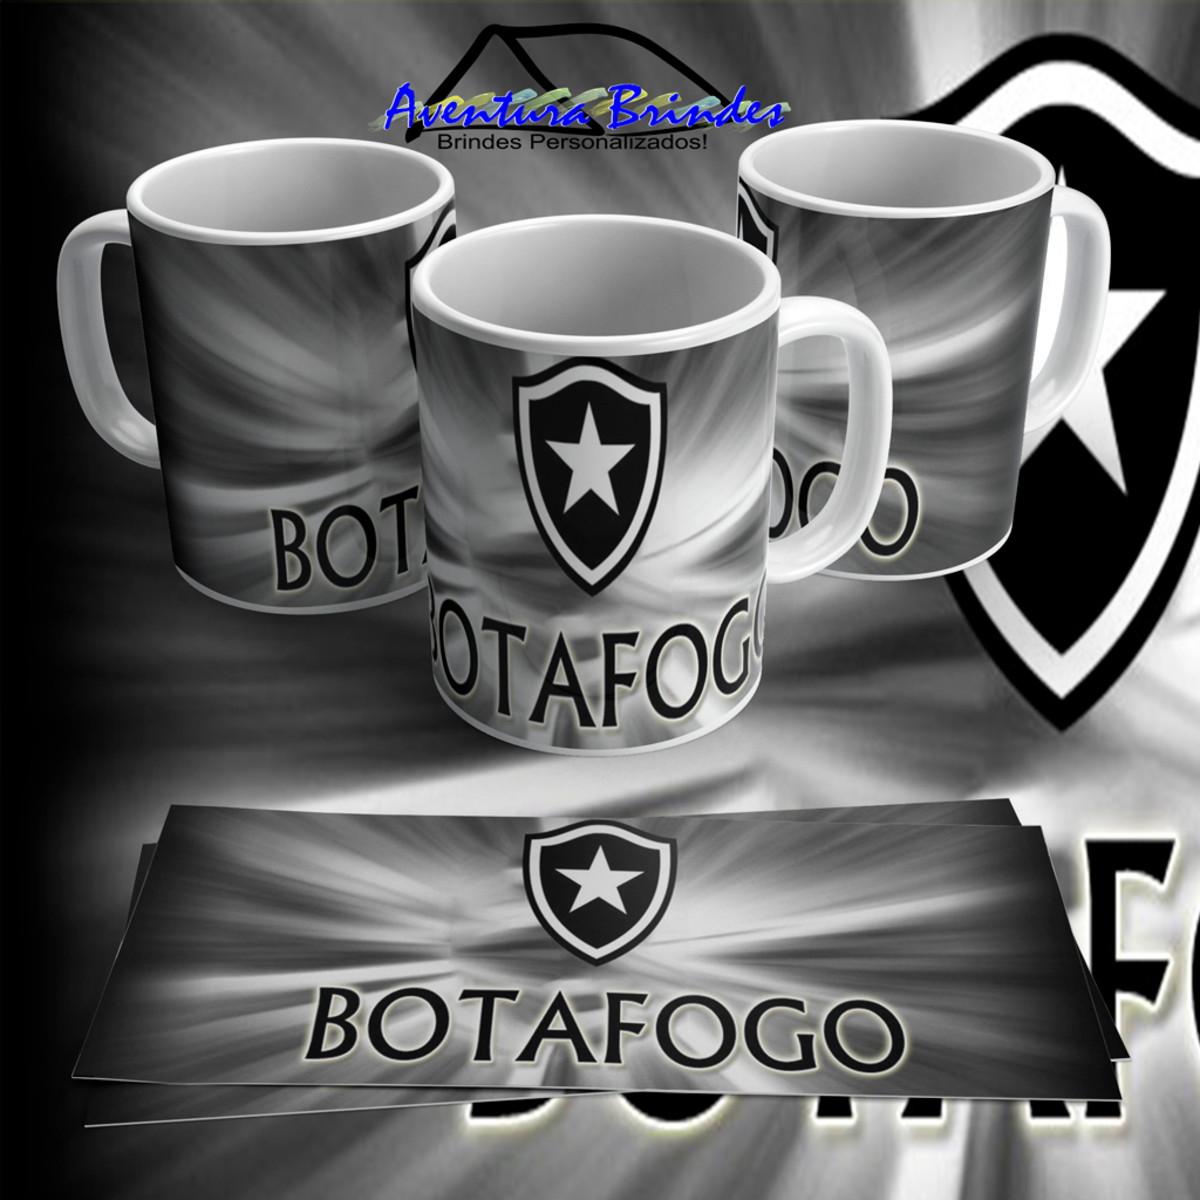 Caneca de Porcelana Botafogo 3 no Elo7  6bb43639338